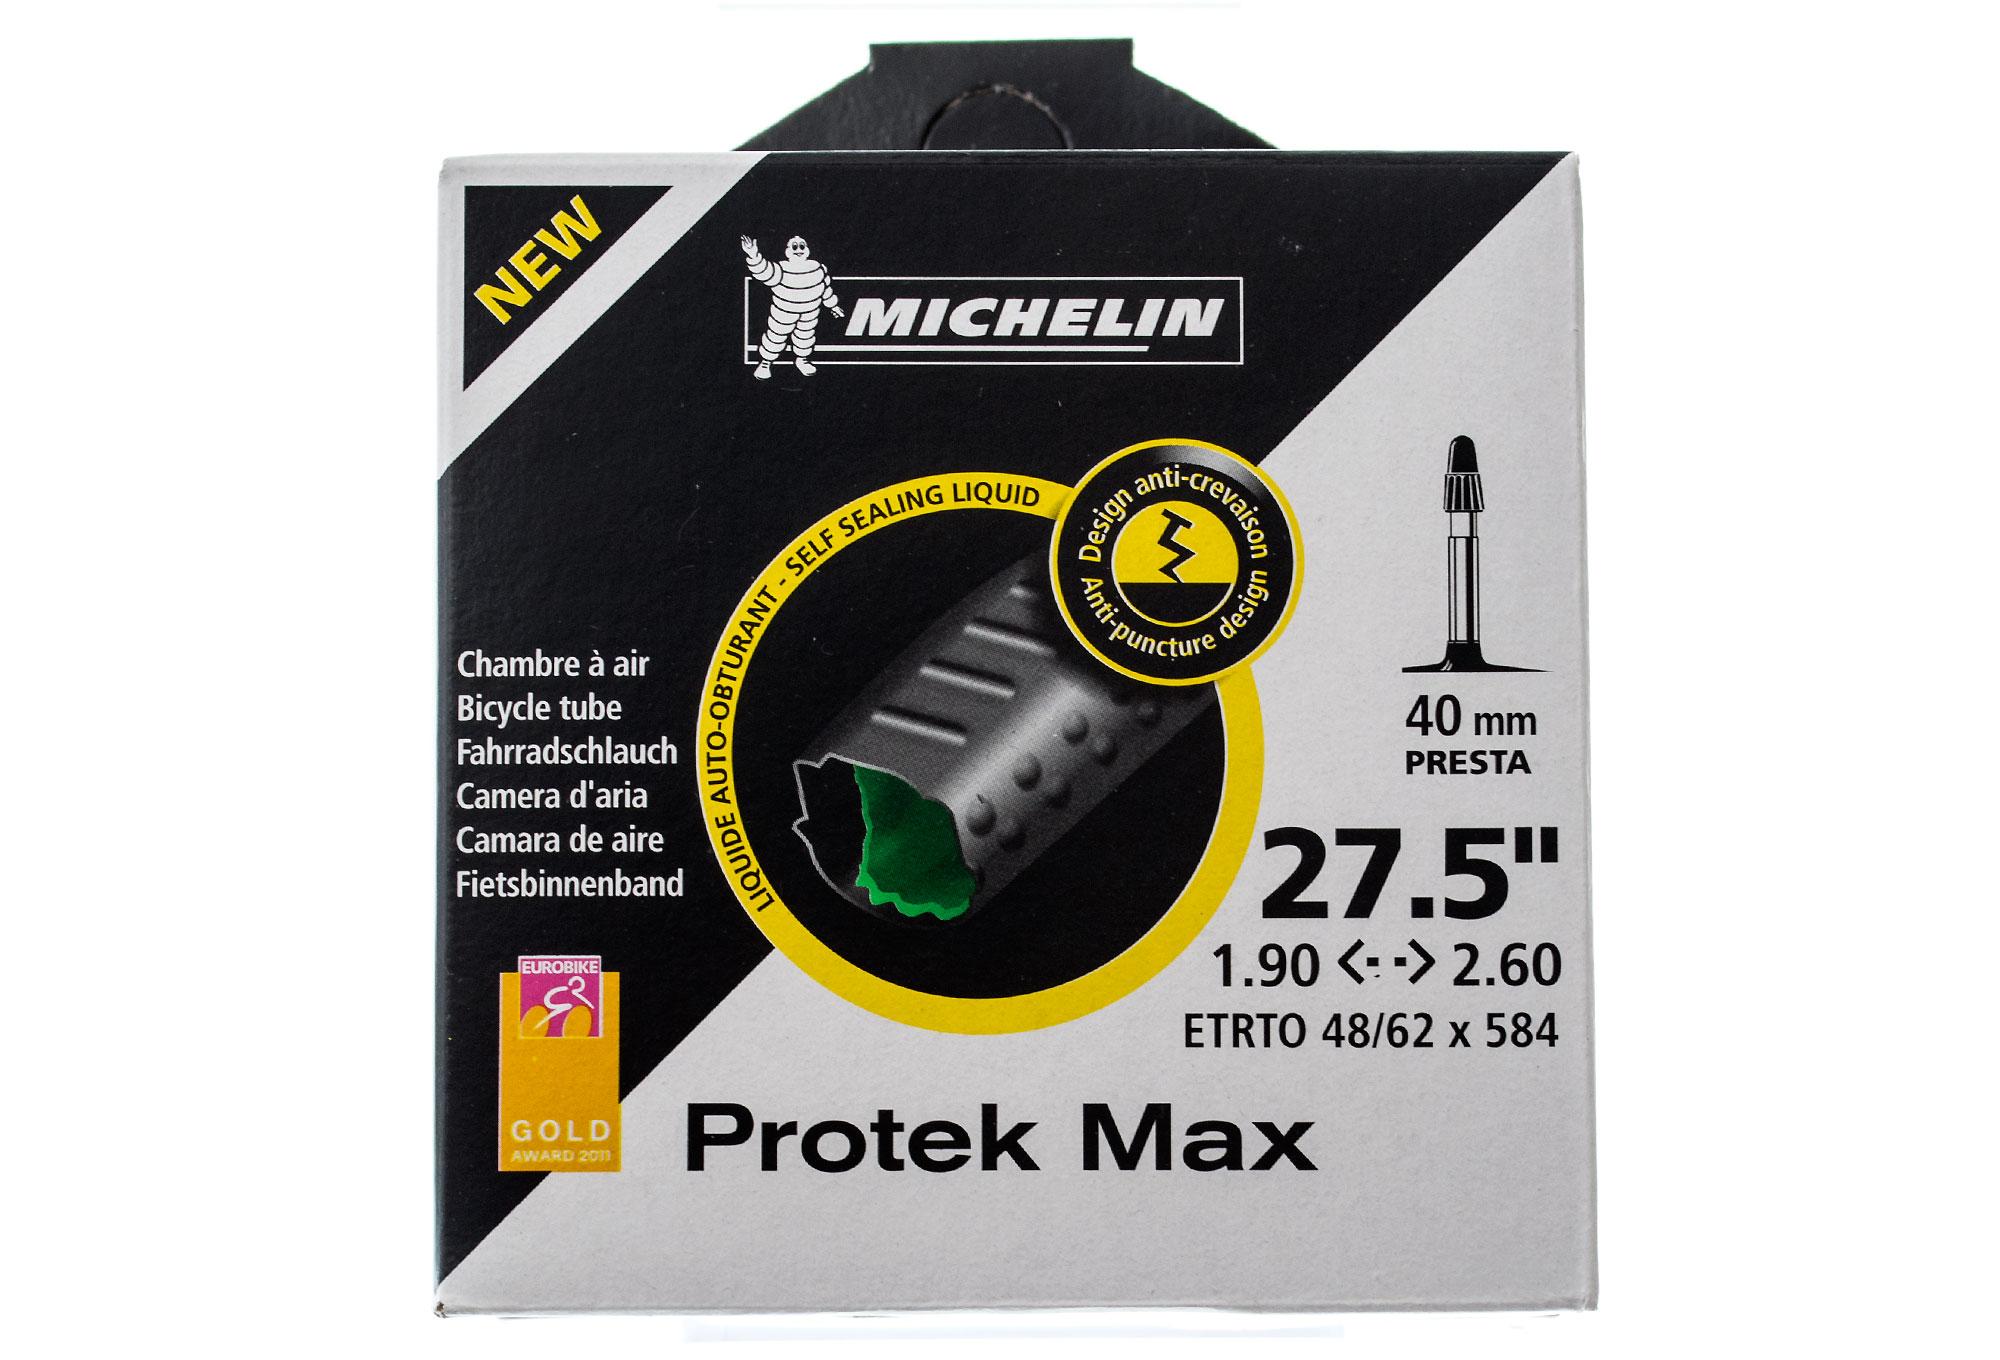 Michelin protek max mtb tube 190 presta 40mm for Chambre a air velo